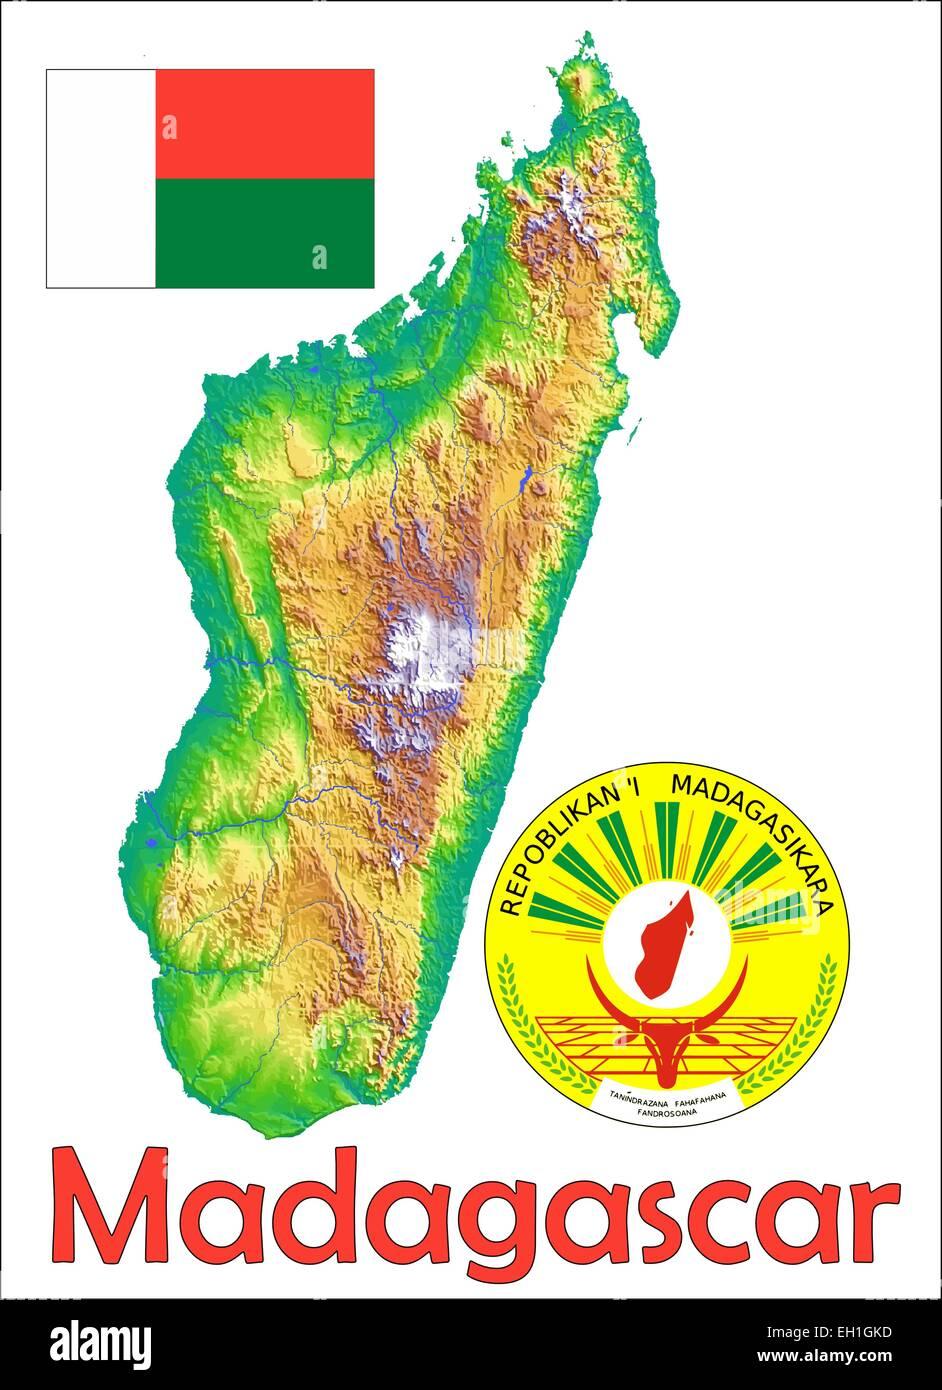 Madagaskar Karte.Madagaskar Karte Flagge Wappen Vektor Abbildung Bild